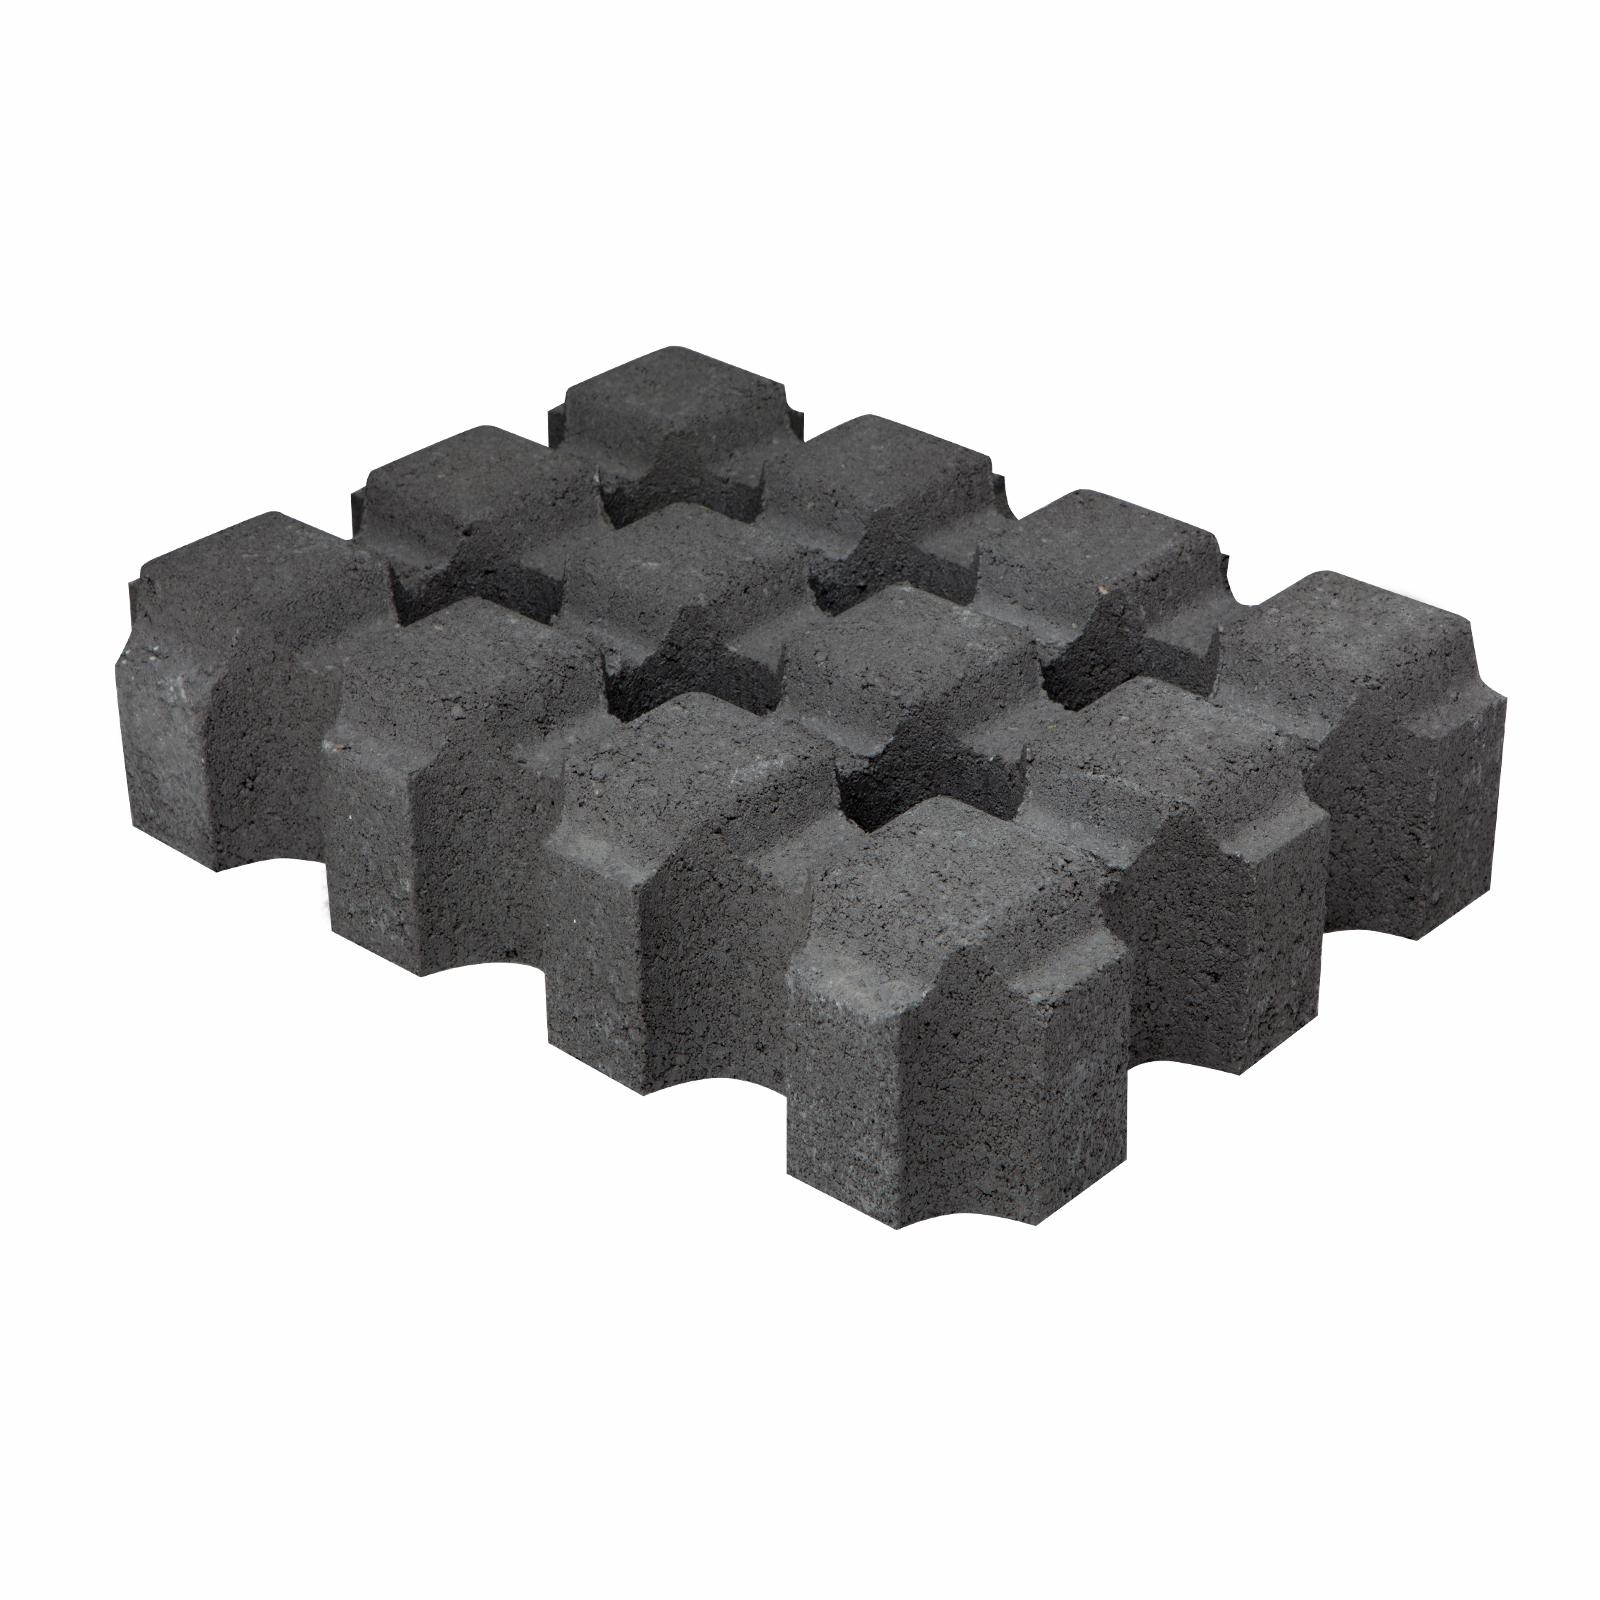 Adbri Masonry 420 x 315 x 95mm Charcoal Turfgrid Paver